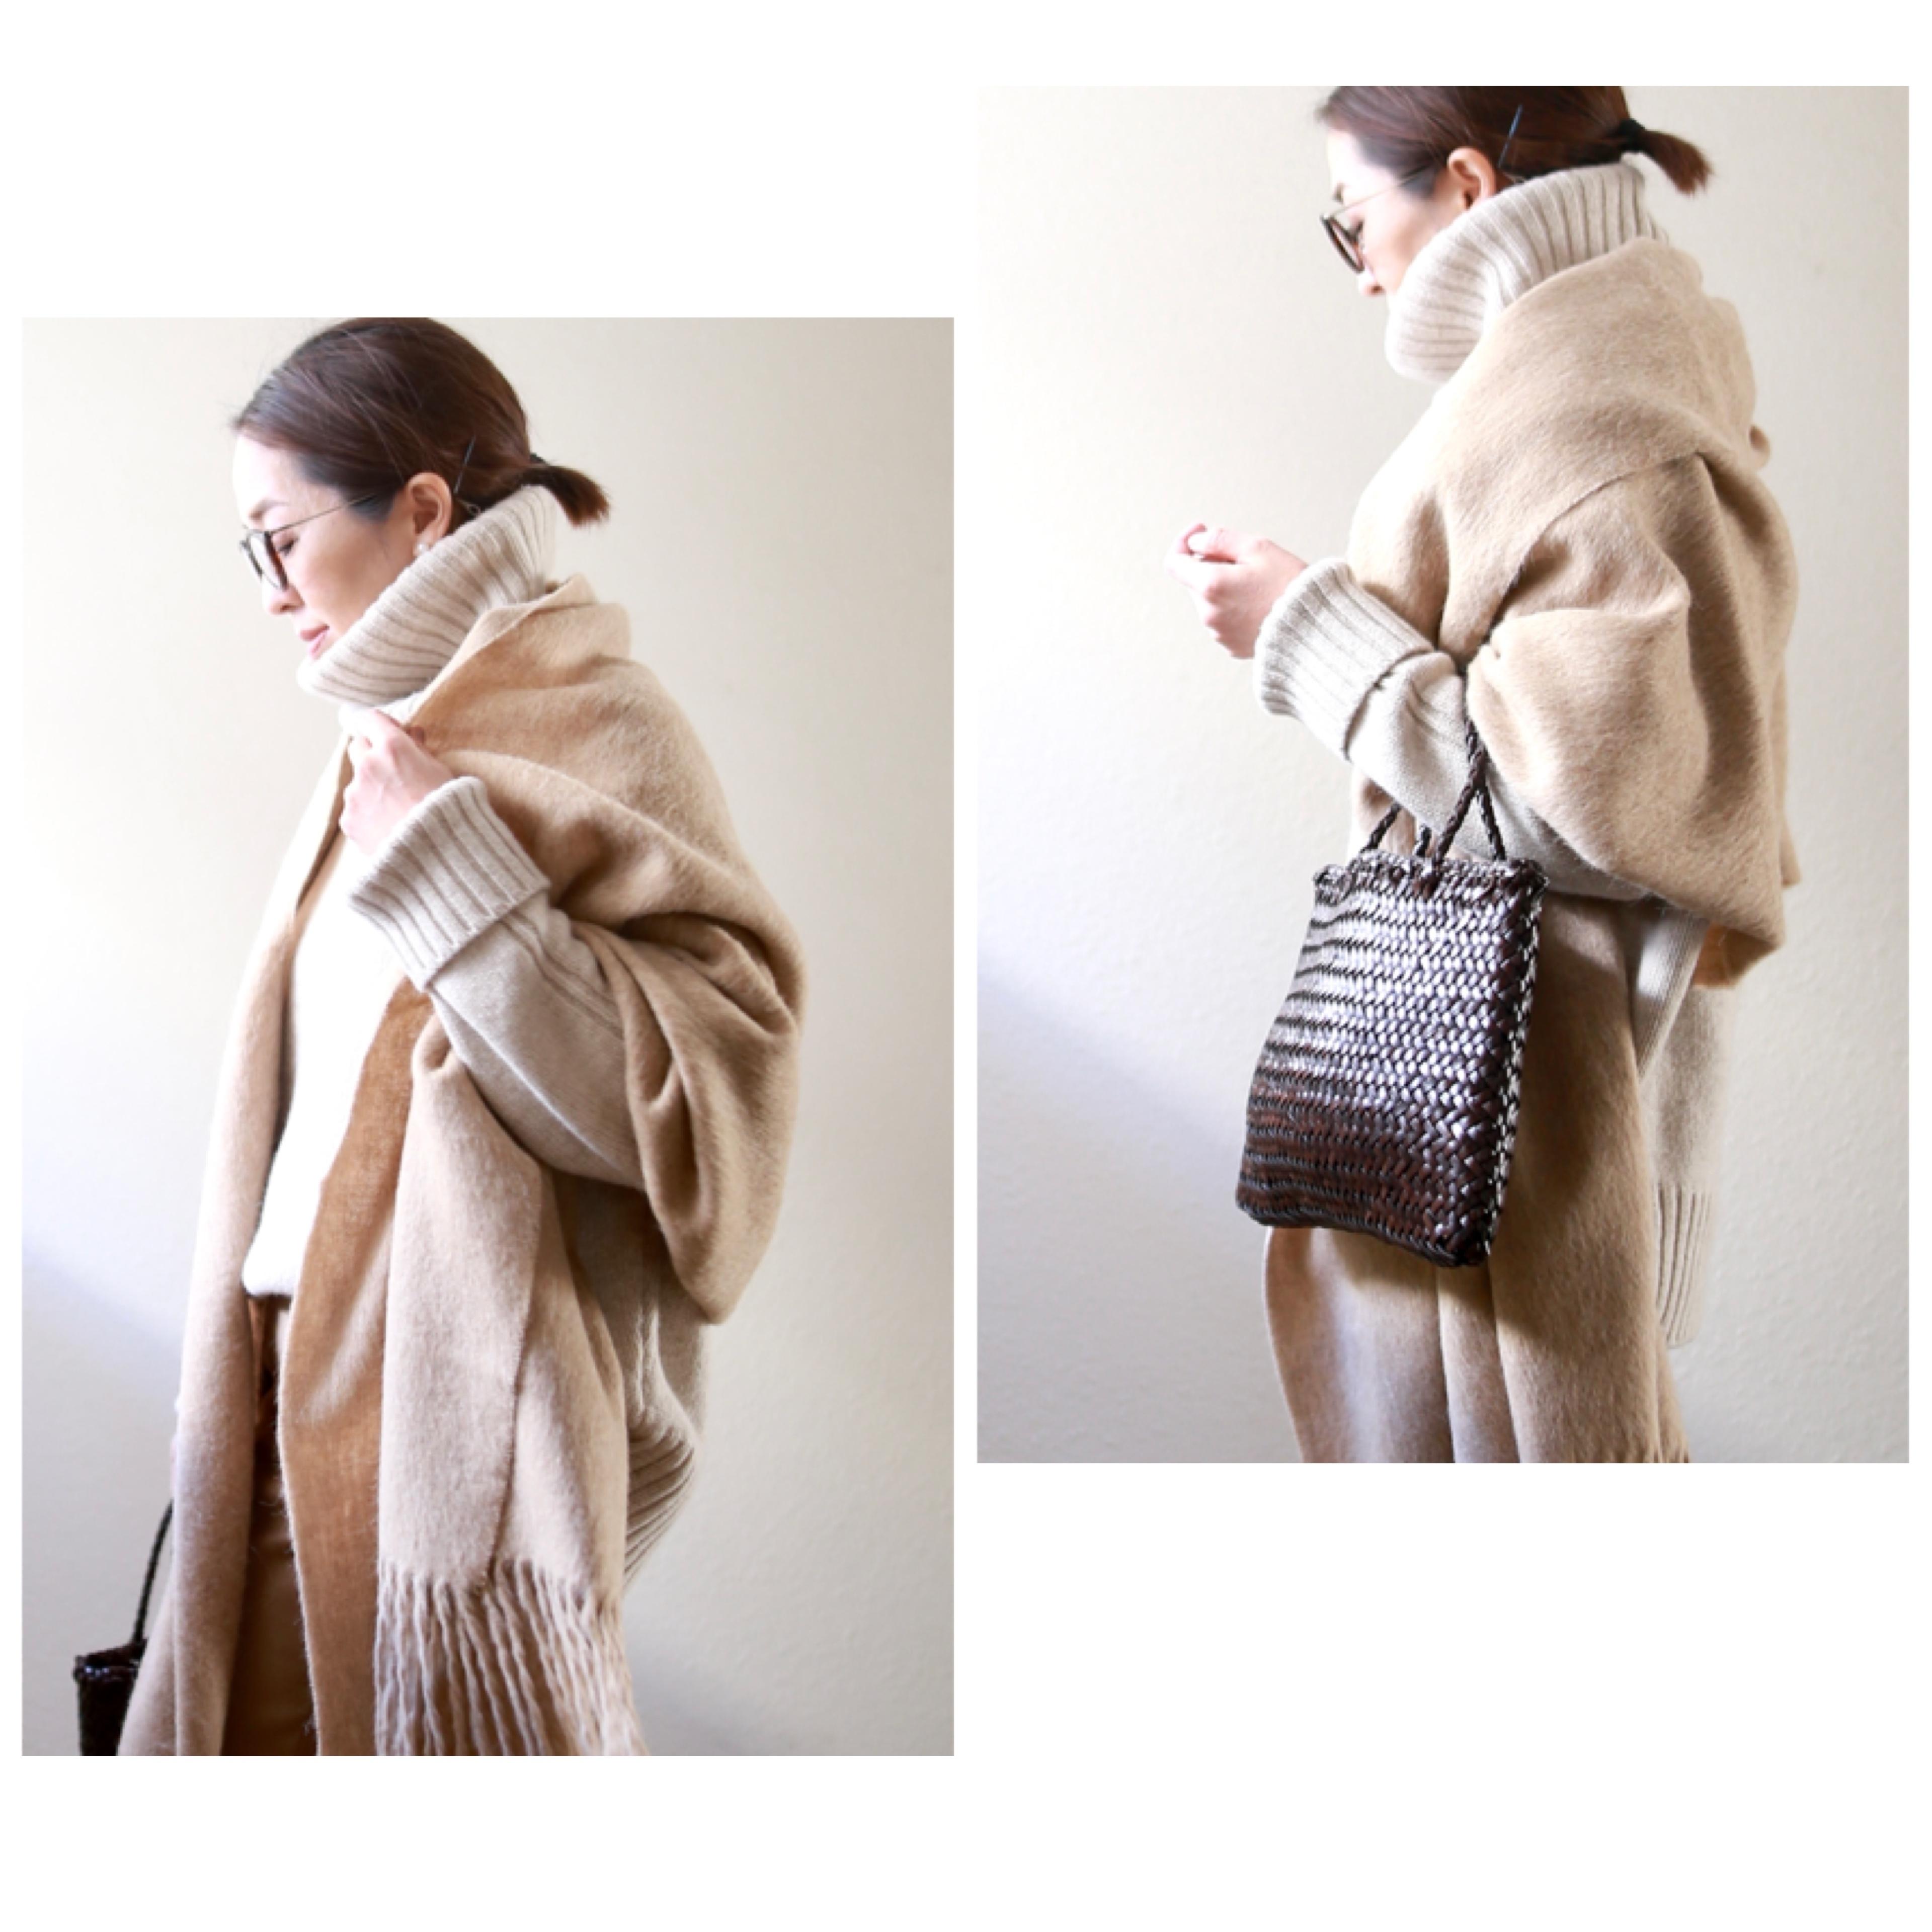 防寒しながら、おしゃれも楽しむ!2月の寒さを乗り切るコーデの秘訣まとめ|40代ファッション_1_43